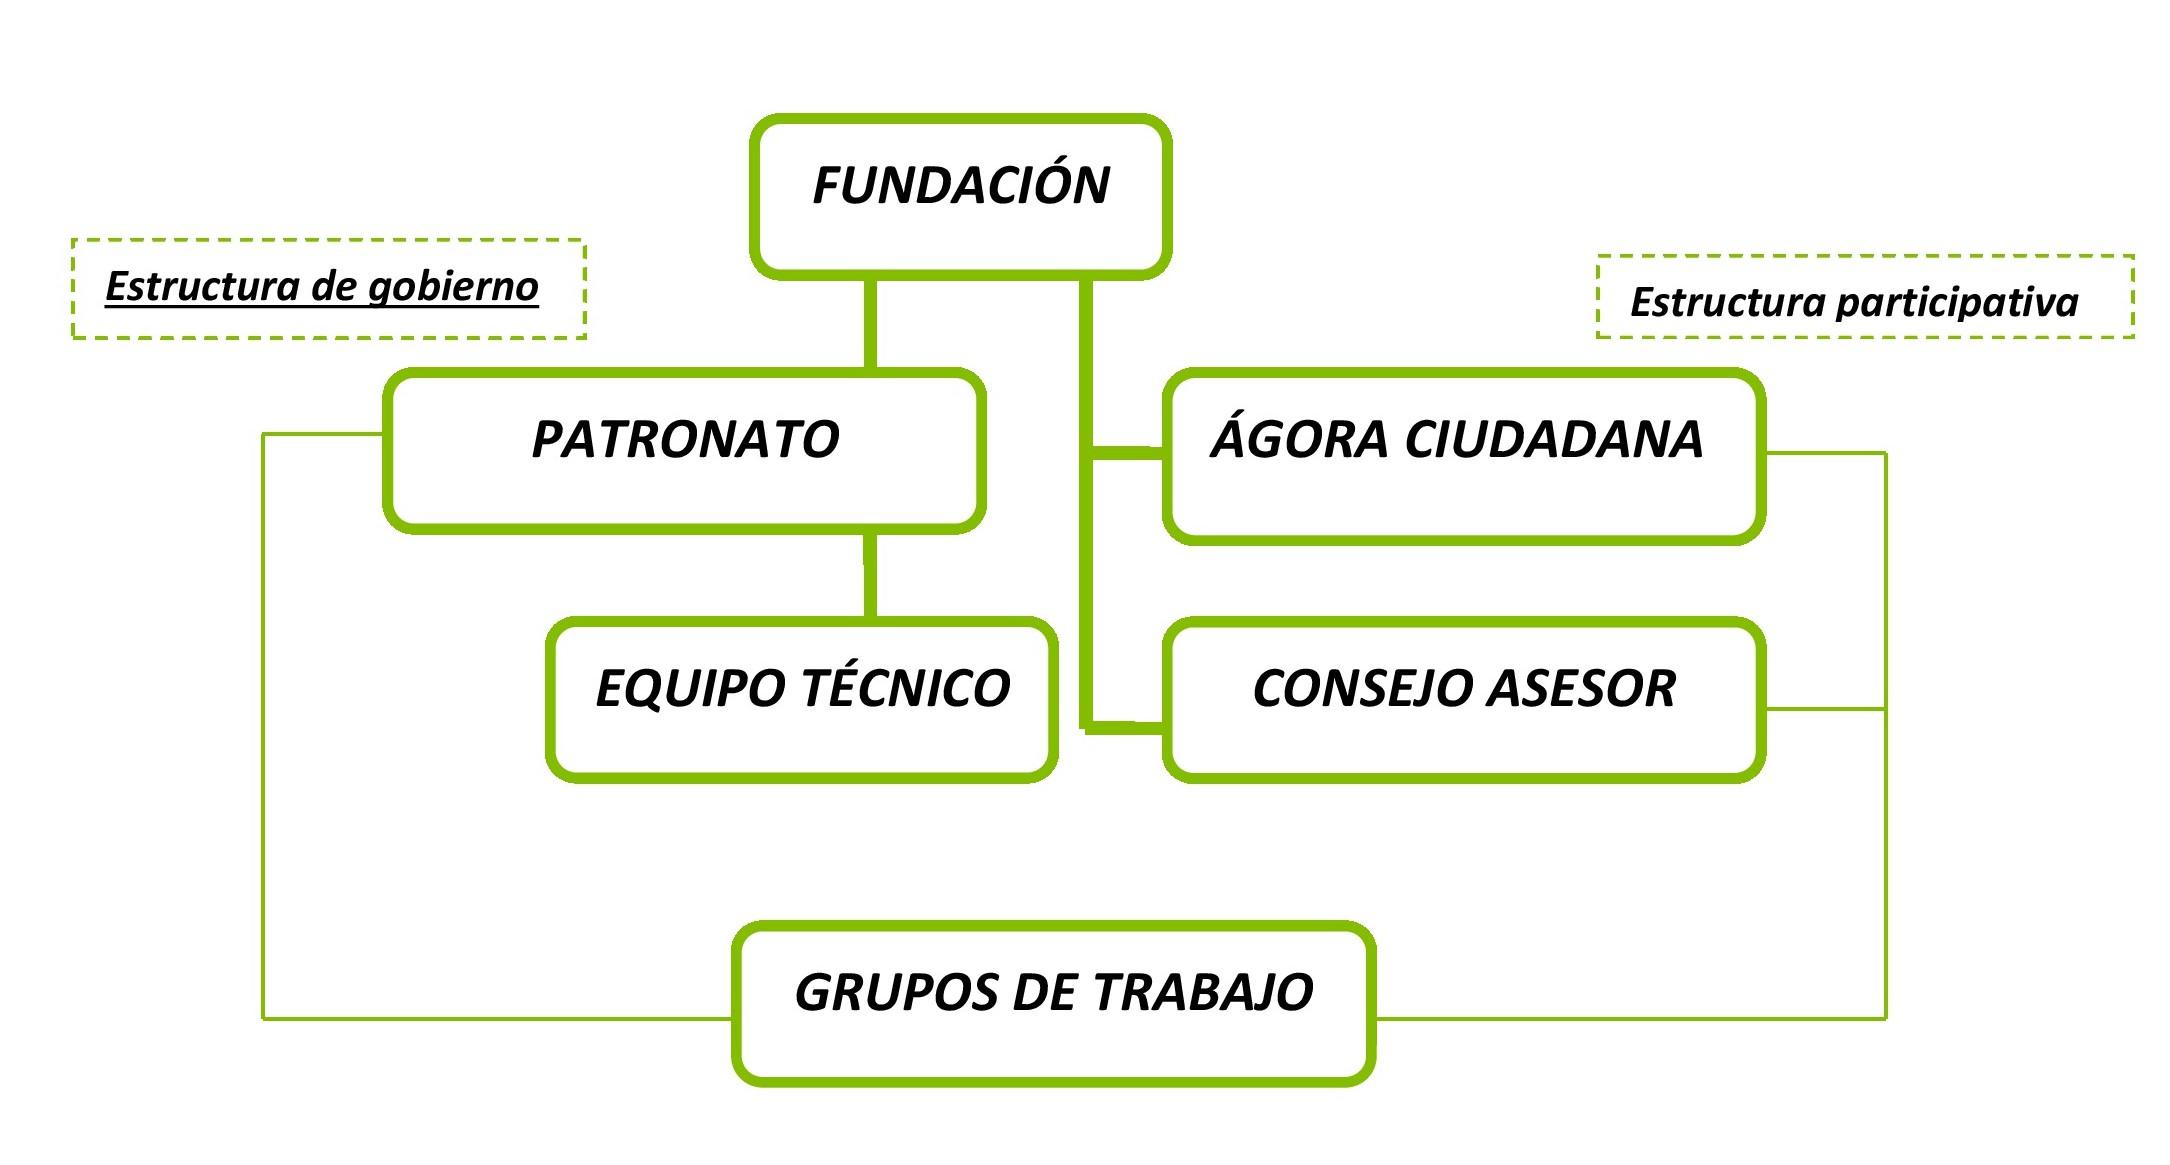 Organigrama Fundacio Castella